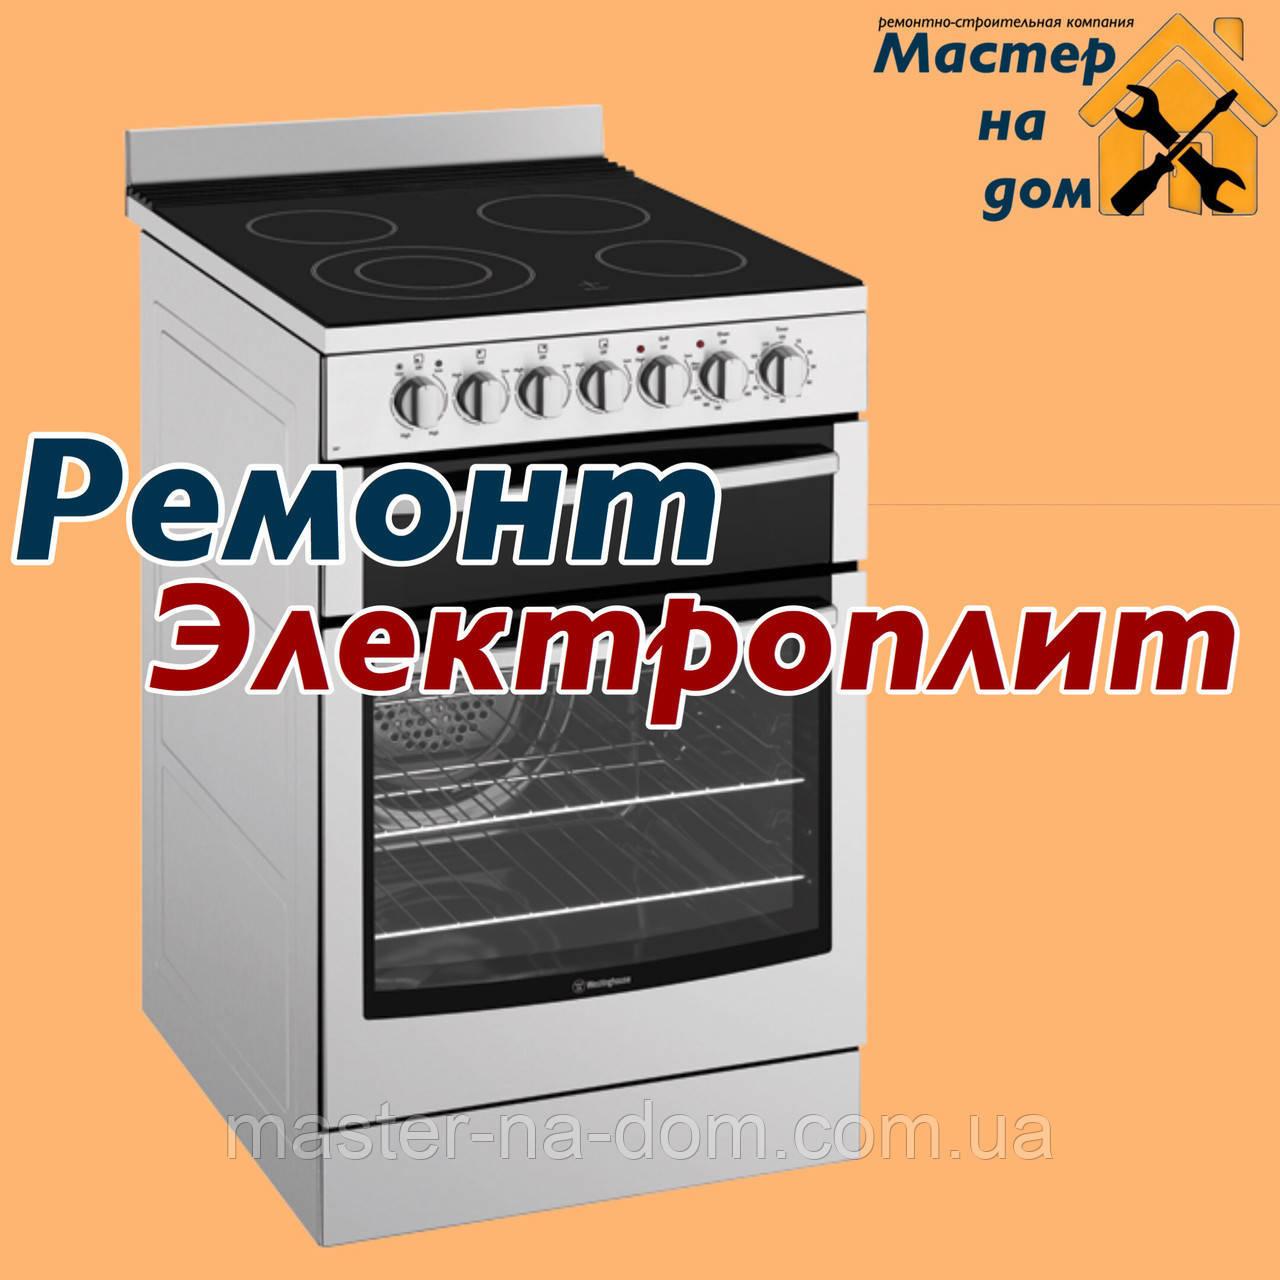 Ремонт электрической плиты в Николаеве